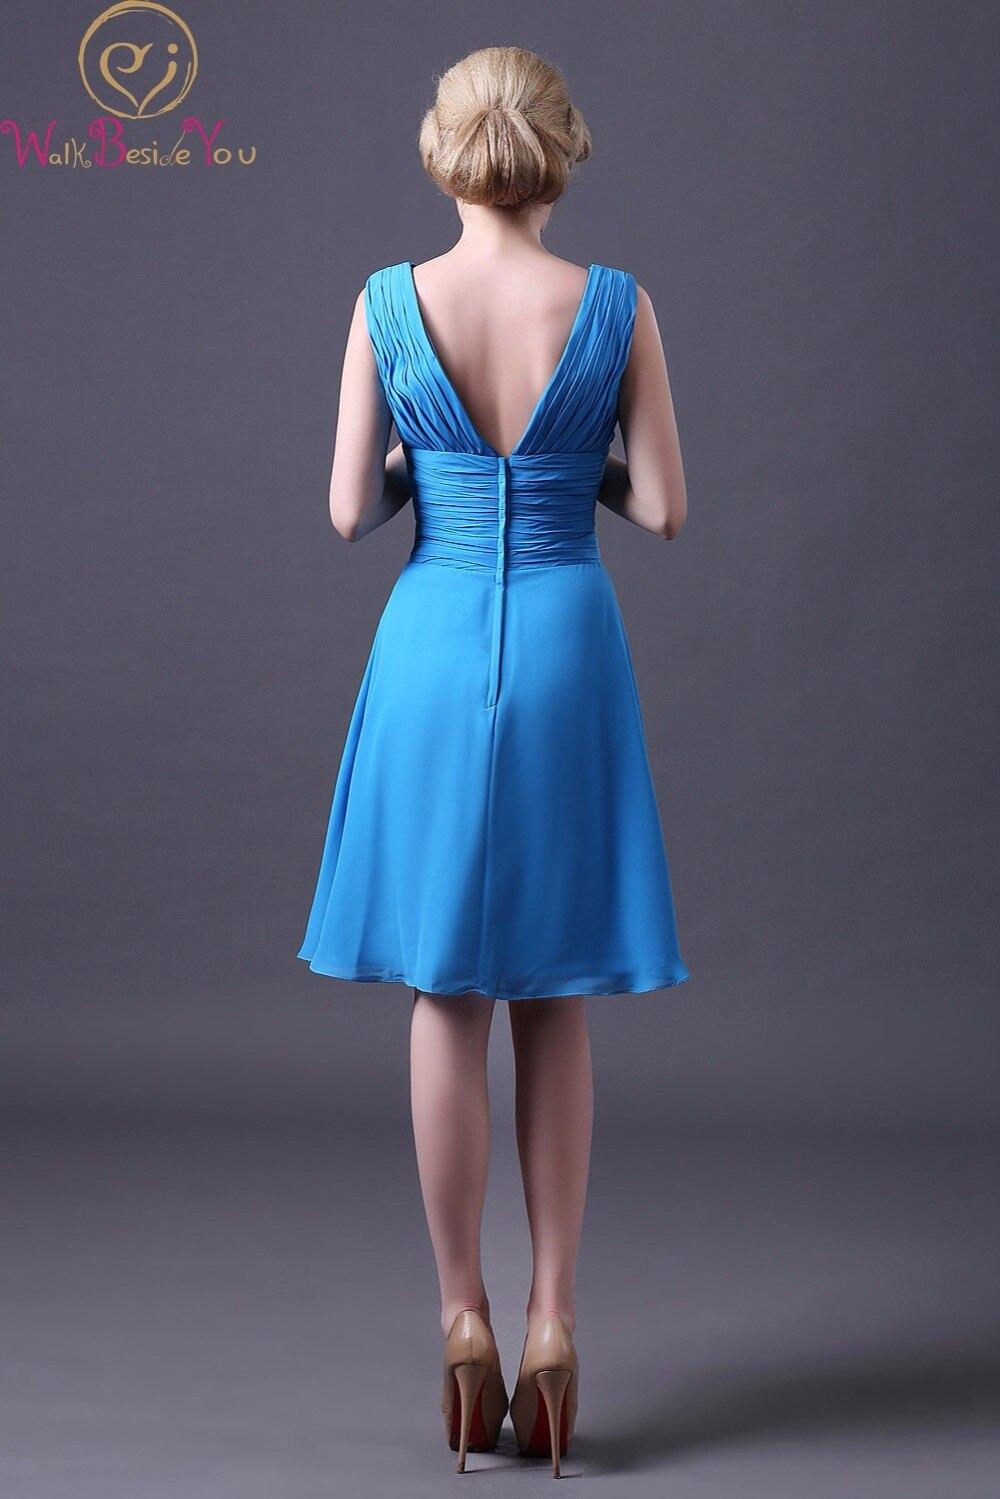 Fantástico Cuándo Ordenar Vestidos De Dama Cresta - Vestido de Novia ...